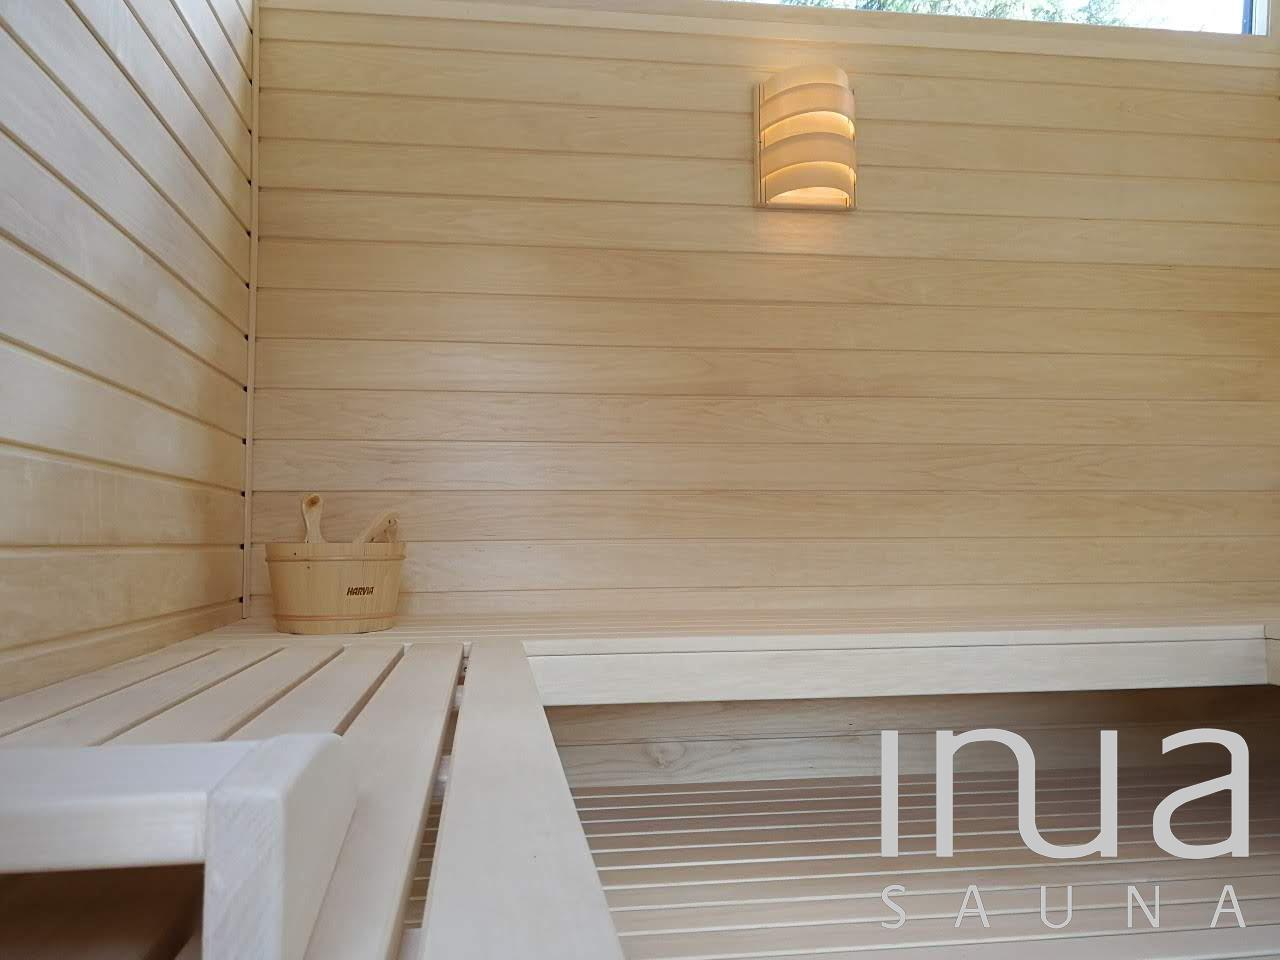 Fafélék szaunaépítéshez - Finn rezgőnyár